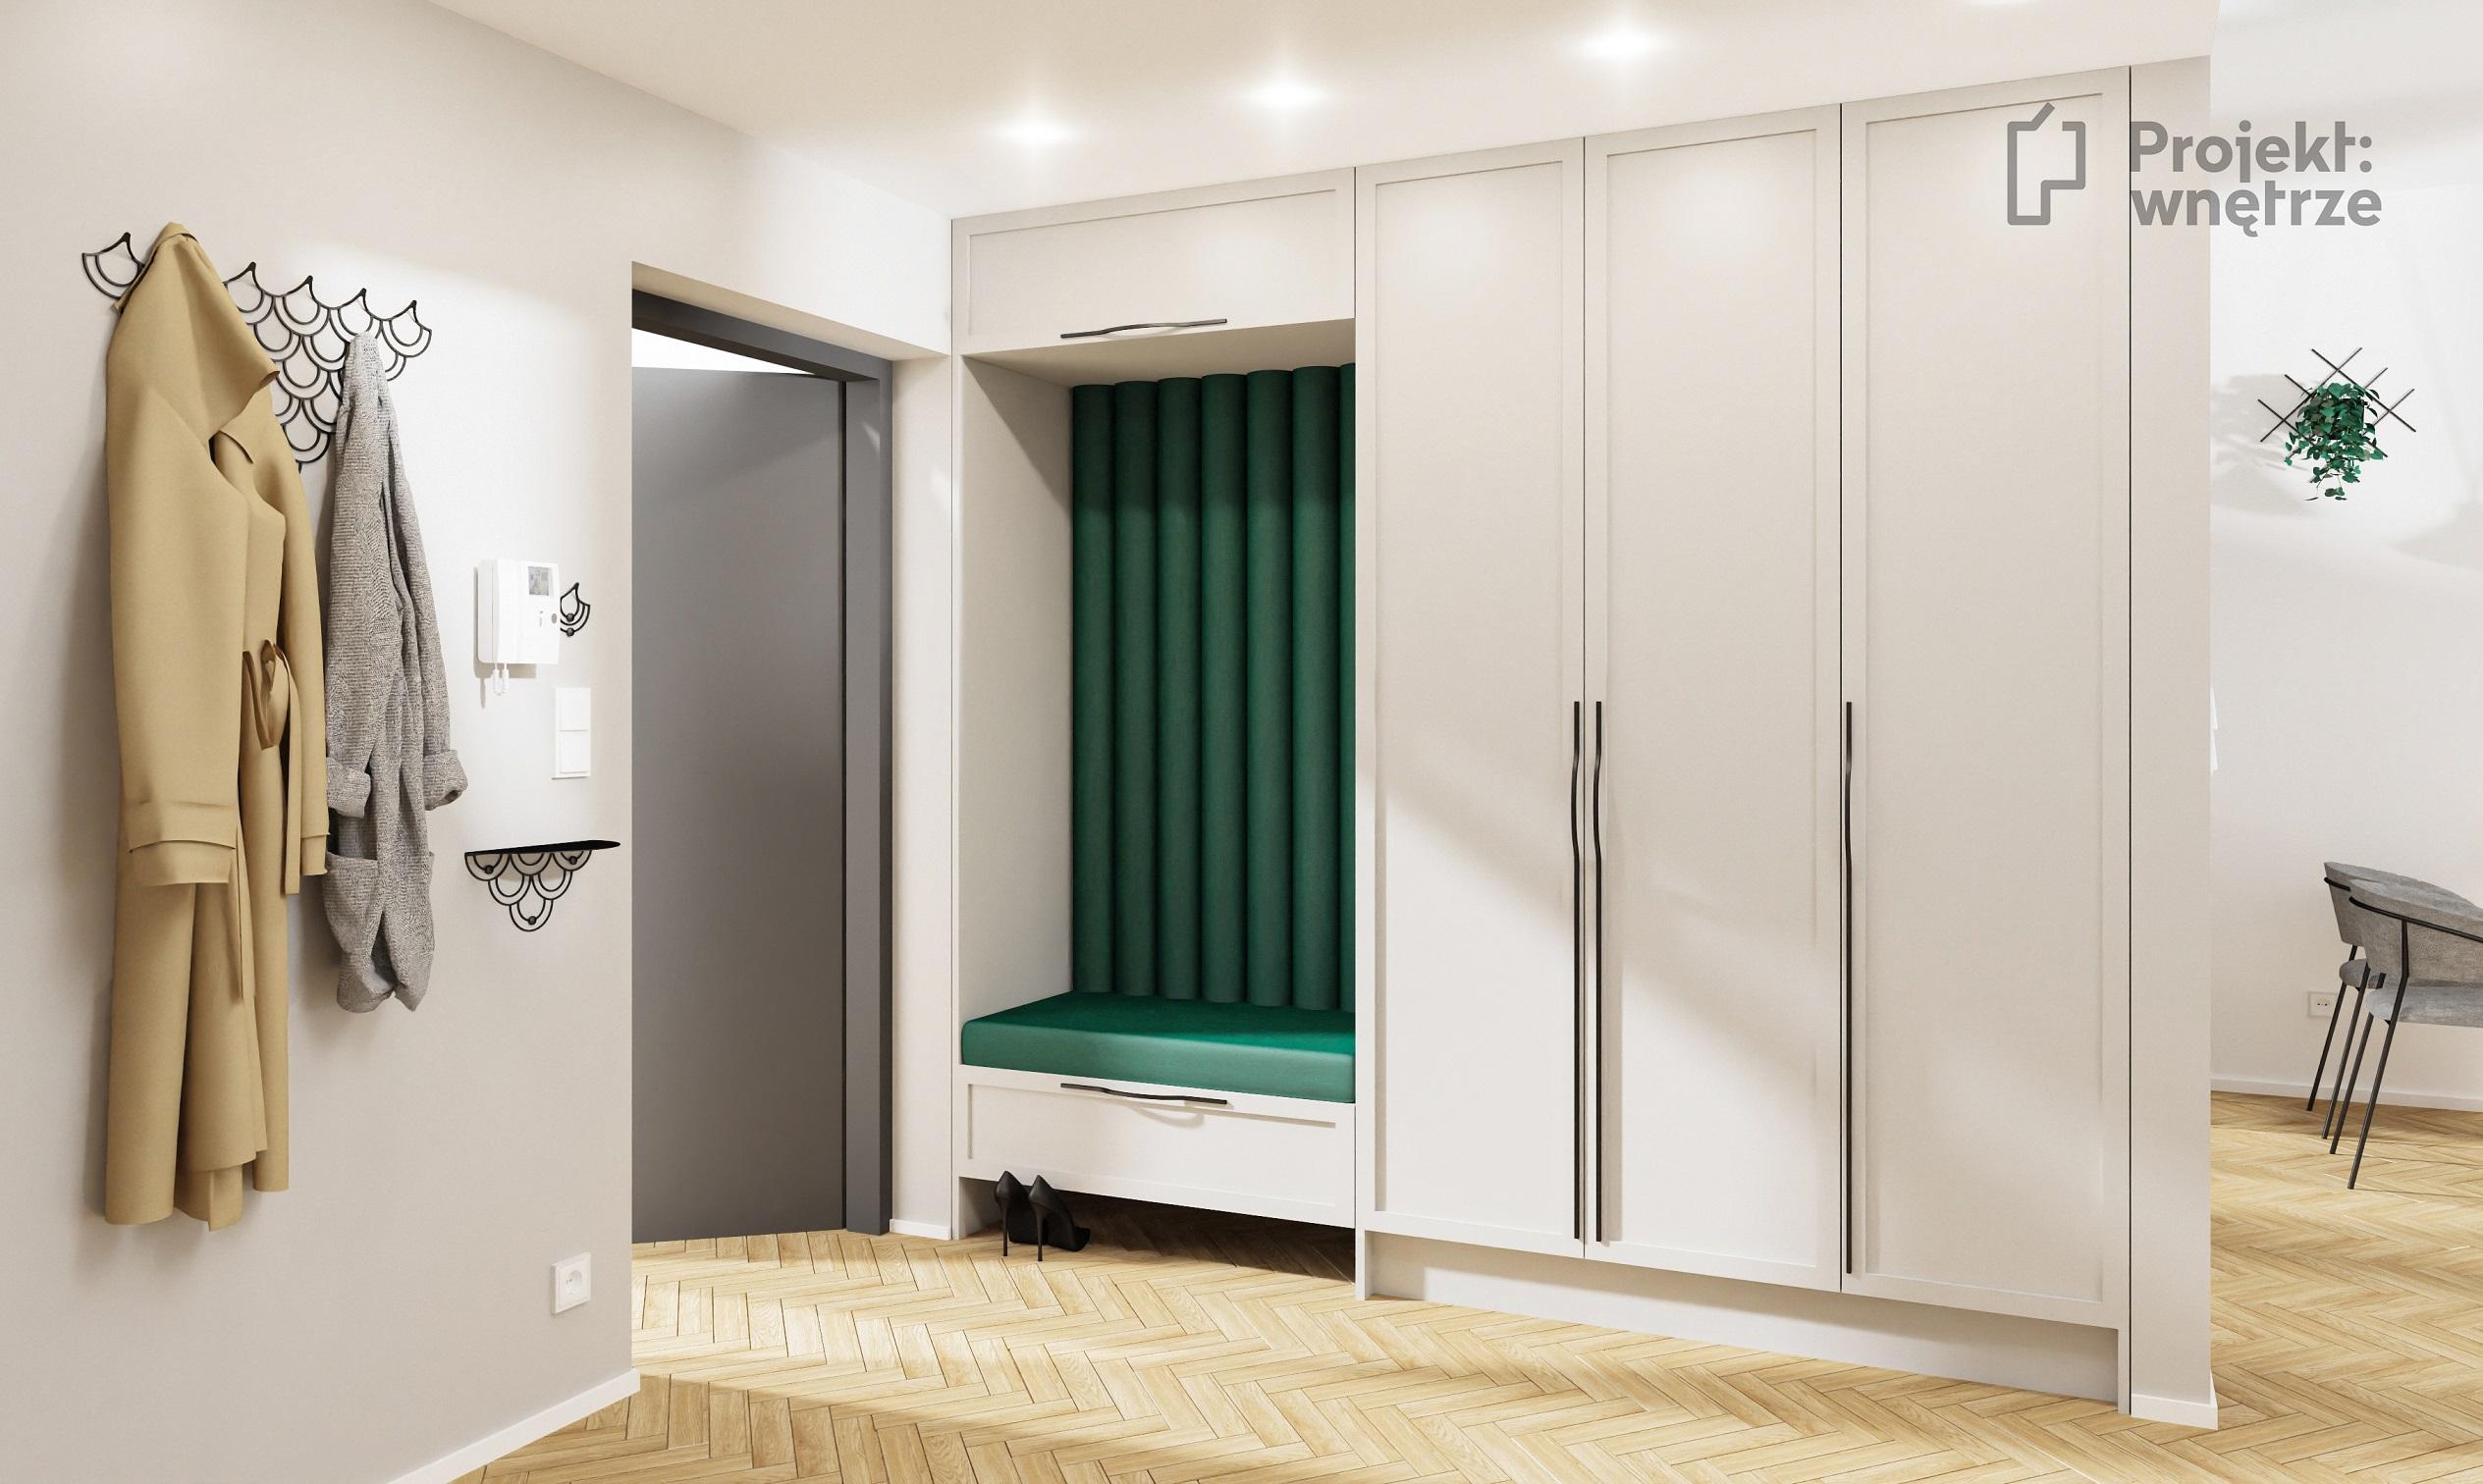 PROJEKT WNĘTRZE projekt nowoczesnego domu - jasny salon z kuchnią - szarość drewno biel zieleń tapety tynk dekoracyjny schody z balustradą do sufitu harfa (12)